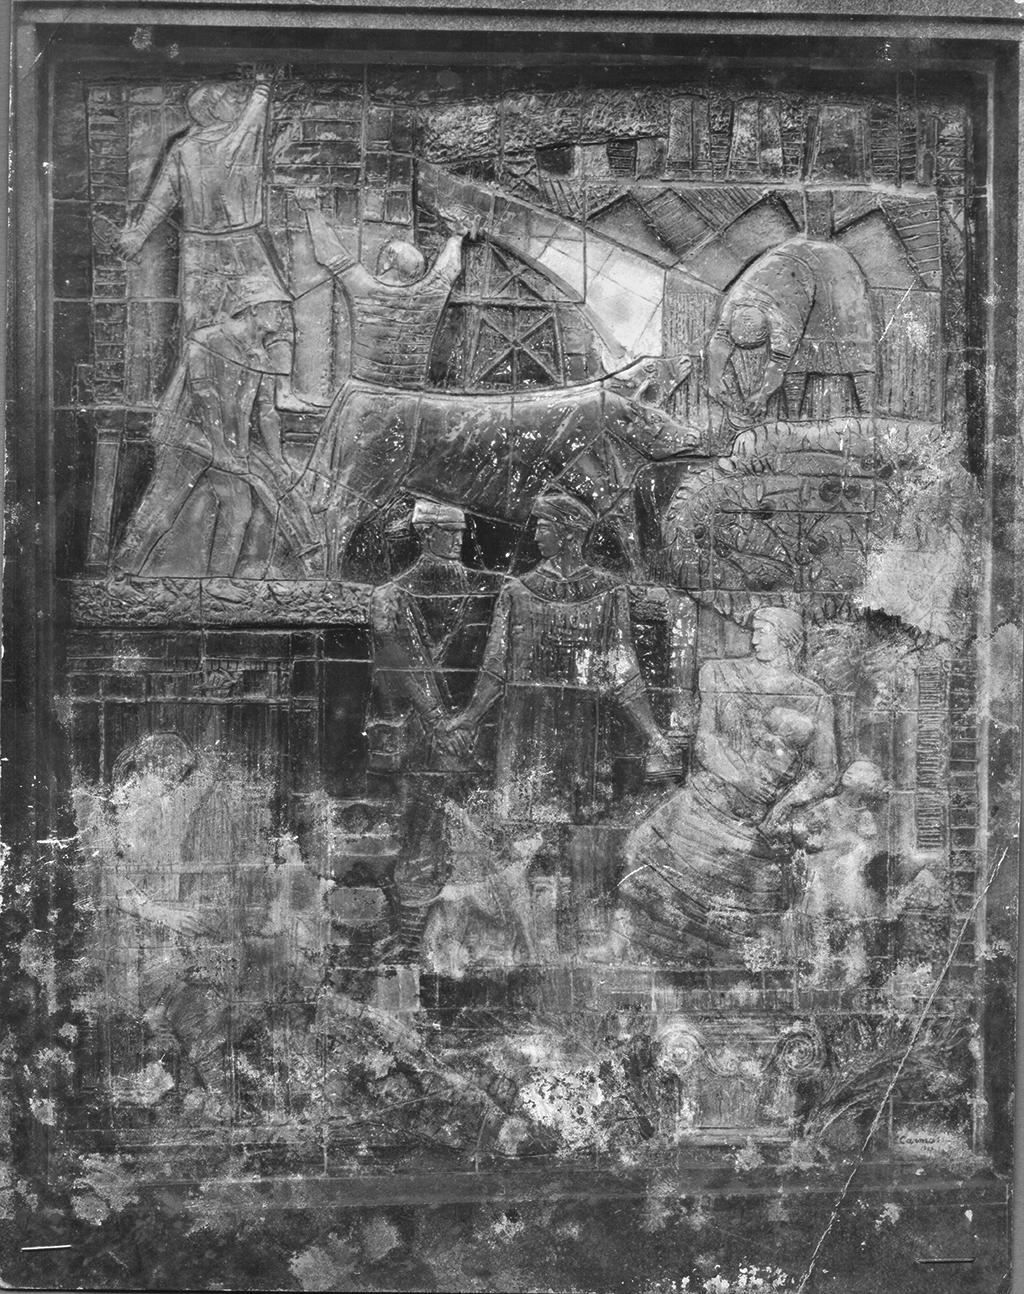 94 Enrico Carmassi opere perse